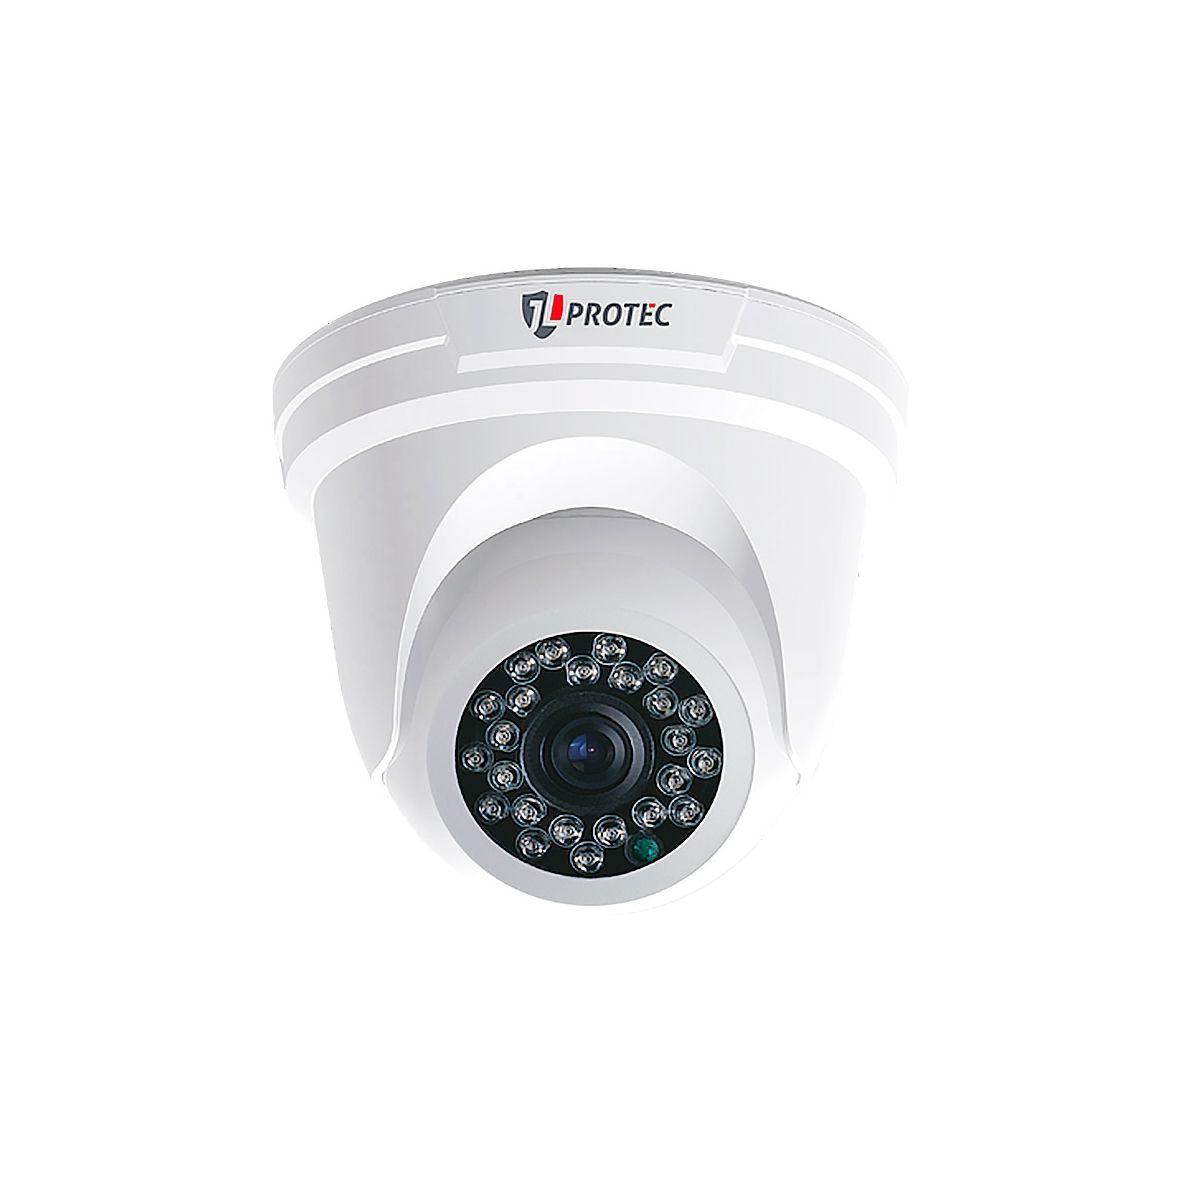 Câmera JL Protec Dome Analógica (1000TVL | Analógica | 1/3 | Plástico)  - CFTV Clube | Brasil